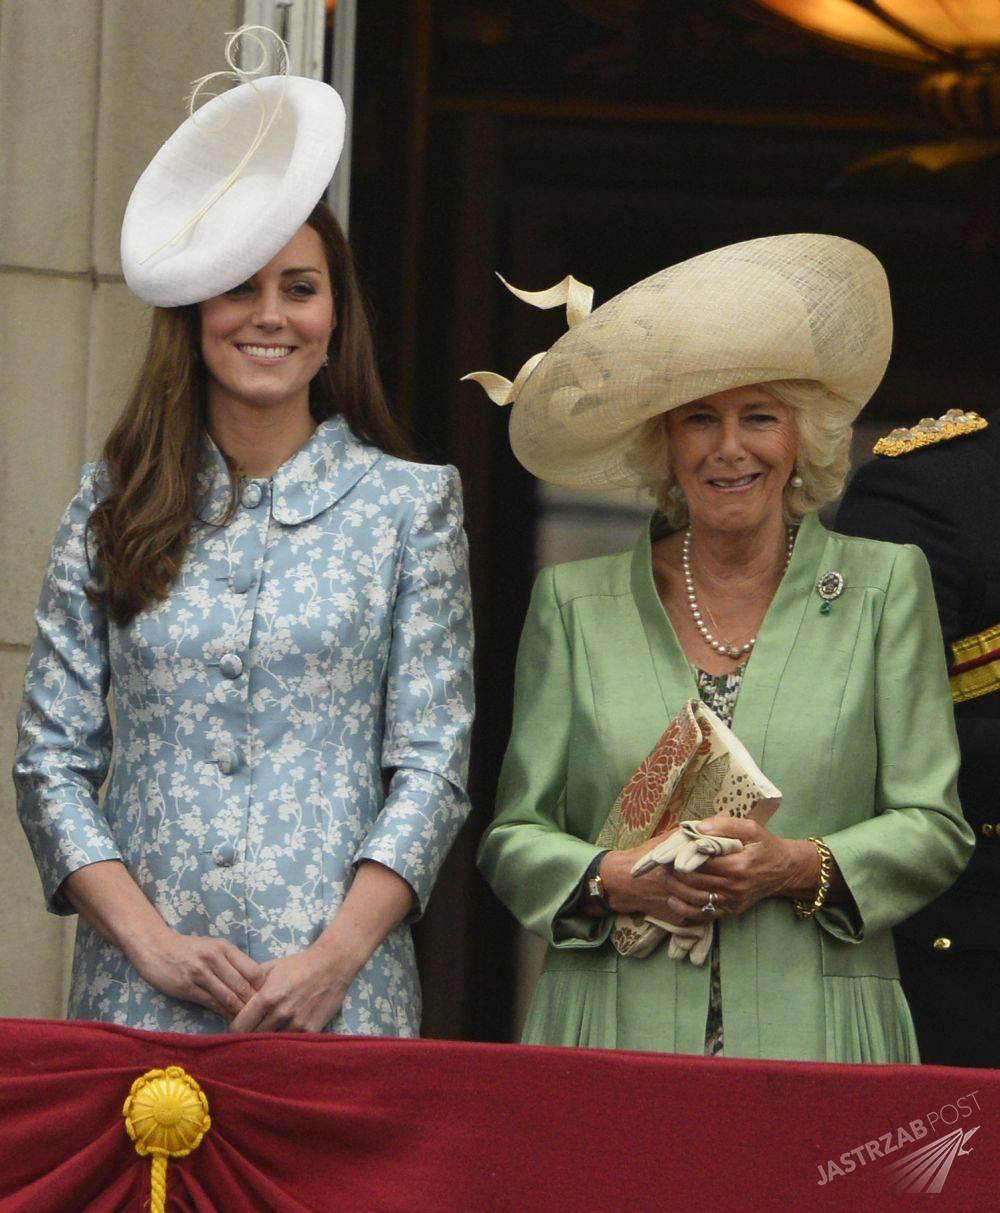 Właśnie rozwiązano królewską tajemnicę! To dlatego Meghan Markle zawsze stoi za księżną Kate! zdjecie 1